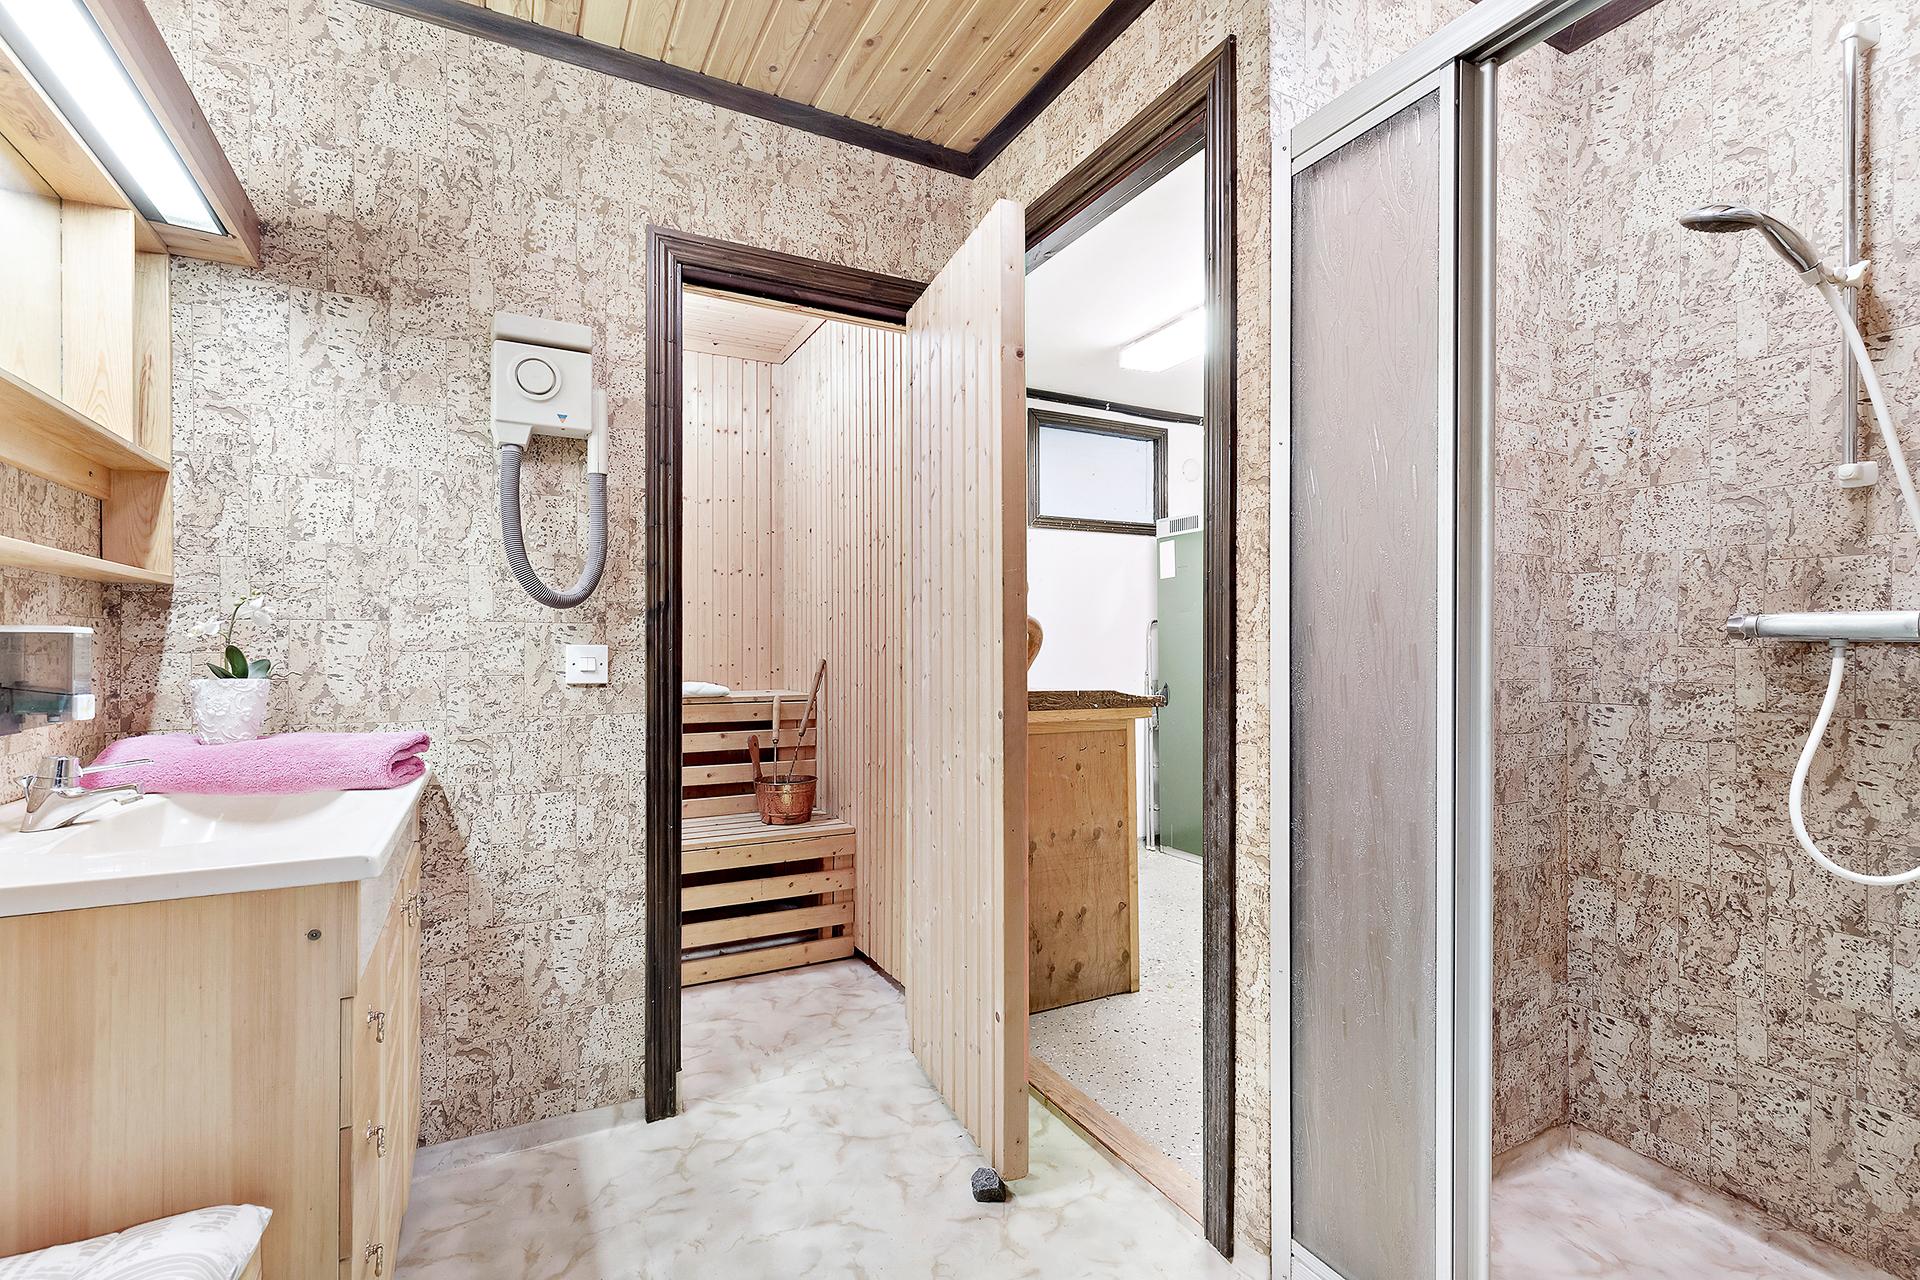 Dusch och bastu, källarplan